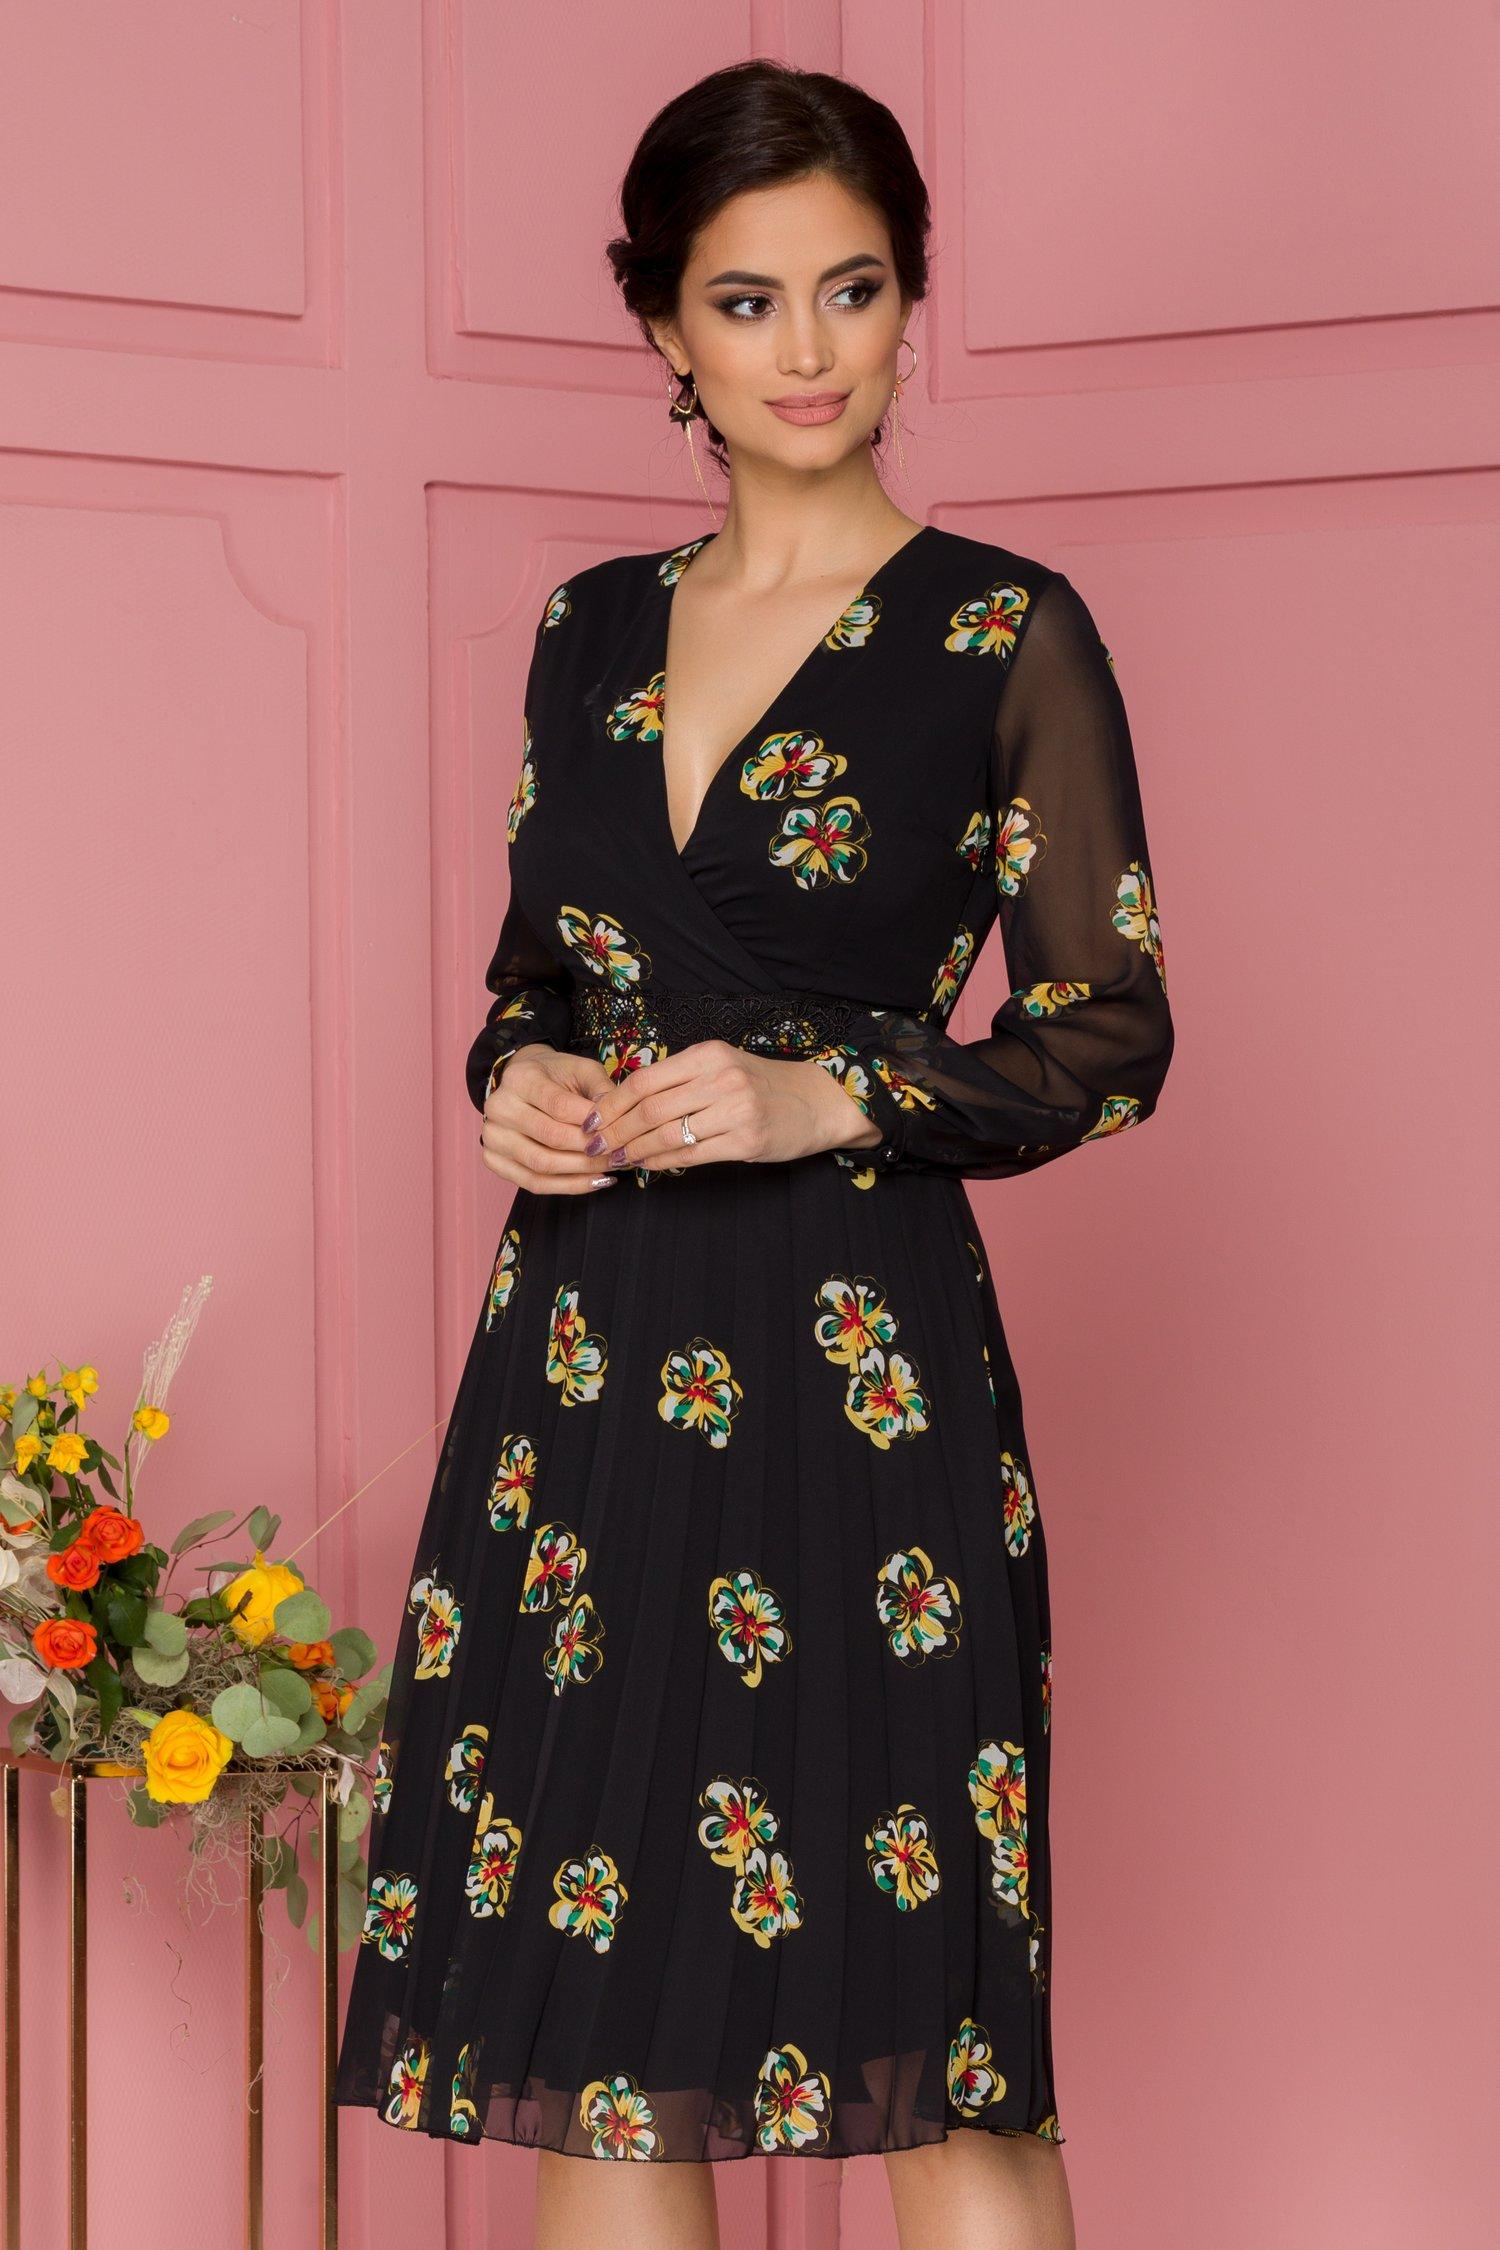 Rochie Willow neagra cu imprimeu floral si cordon din broderie florala in talie